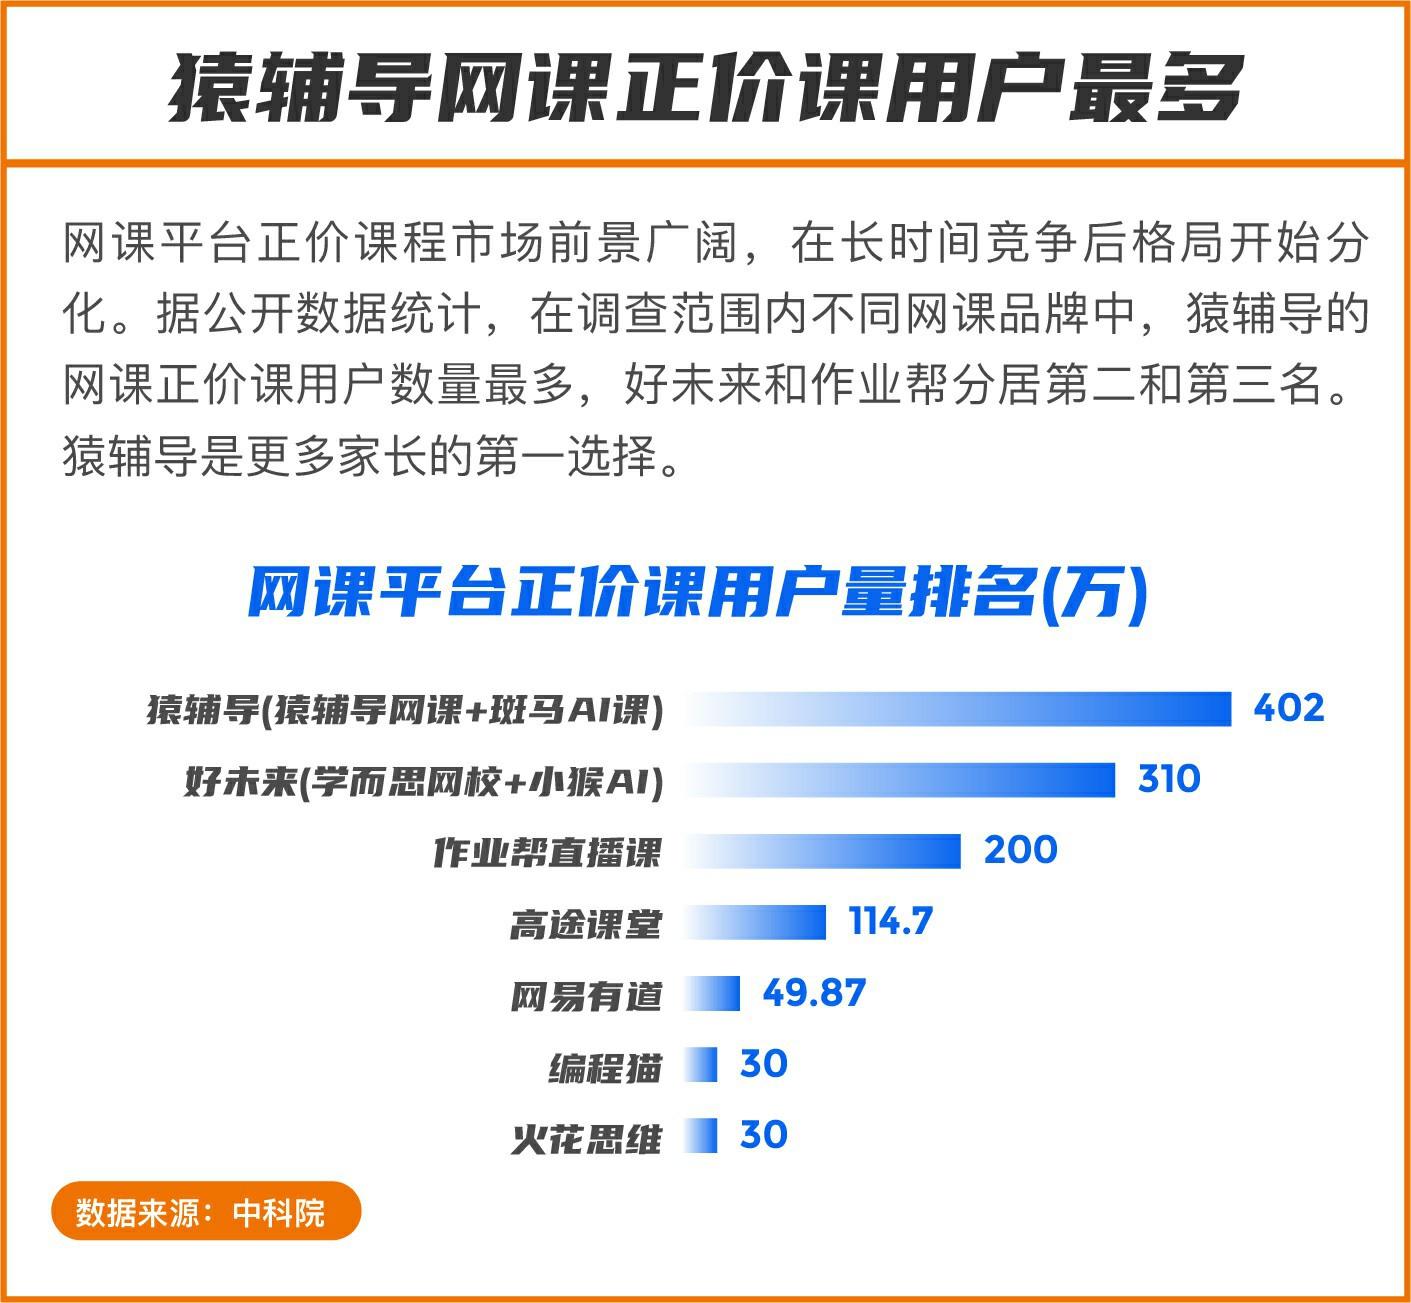 《2020年中国K12网课发展洞察报告》发布:提高学习效率是00后上网课的核心需求图3